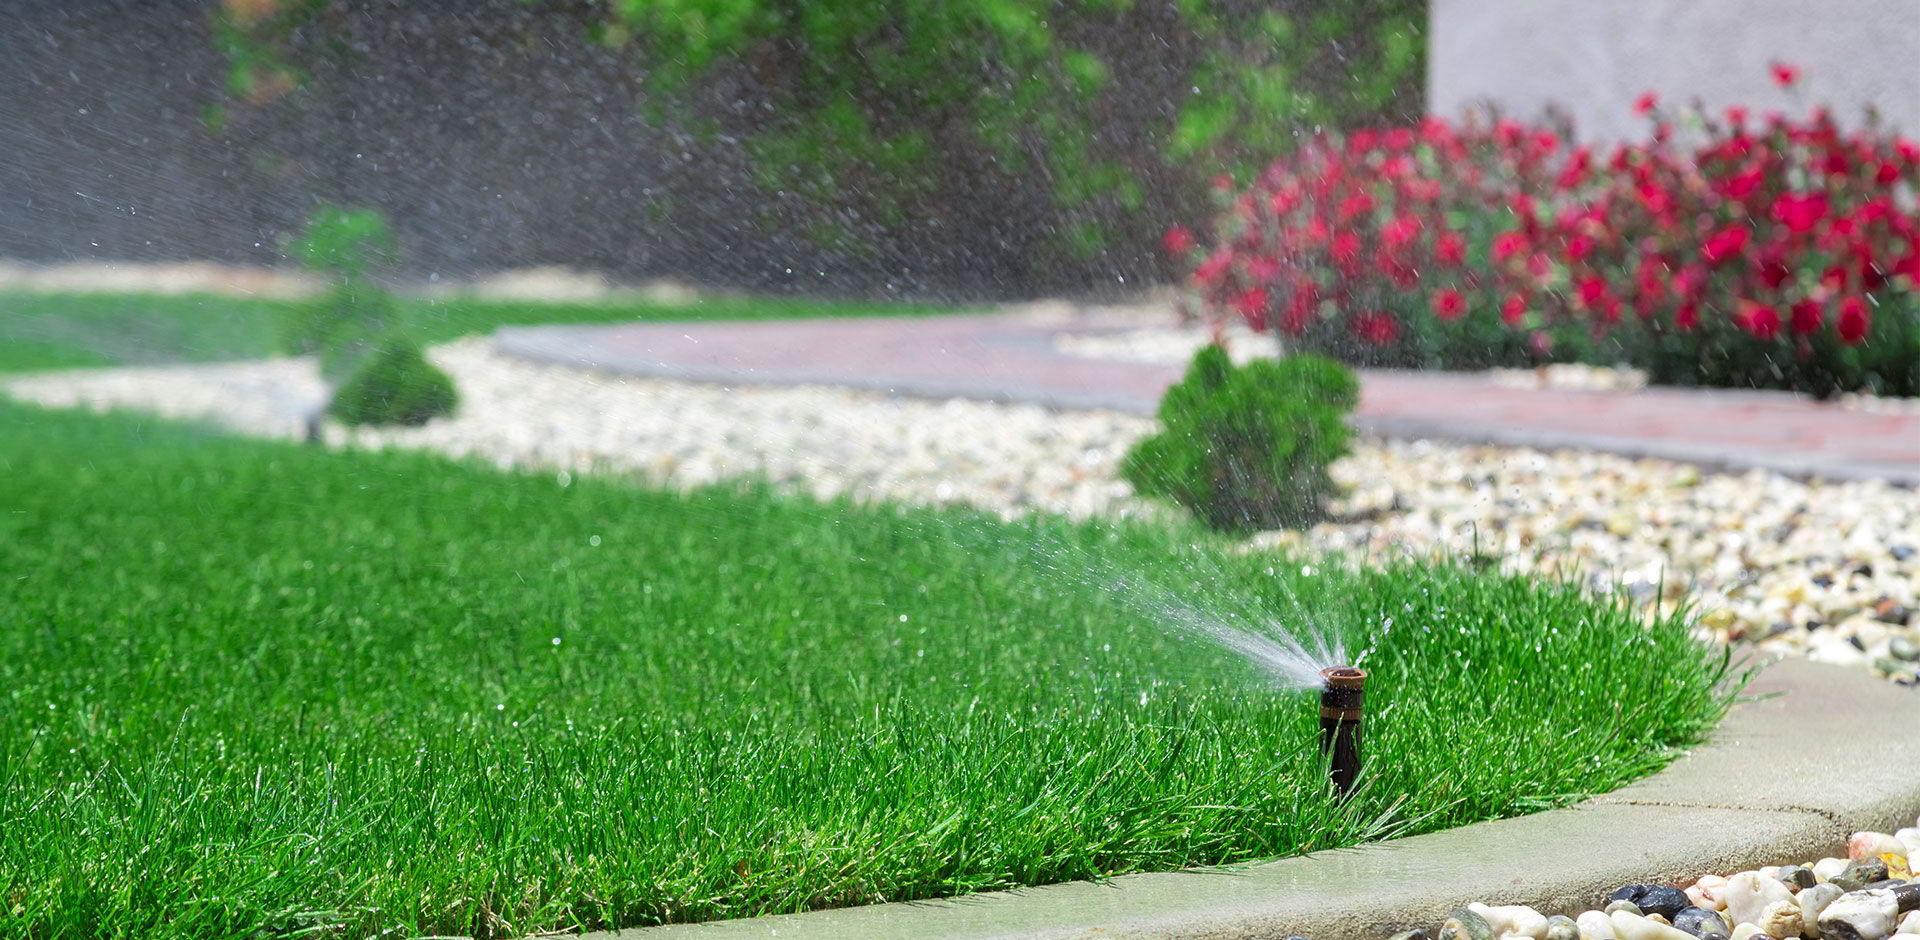 Arrosage automatique sur une belle pelouse